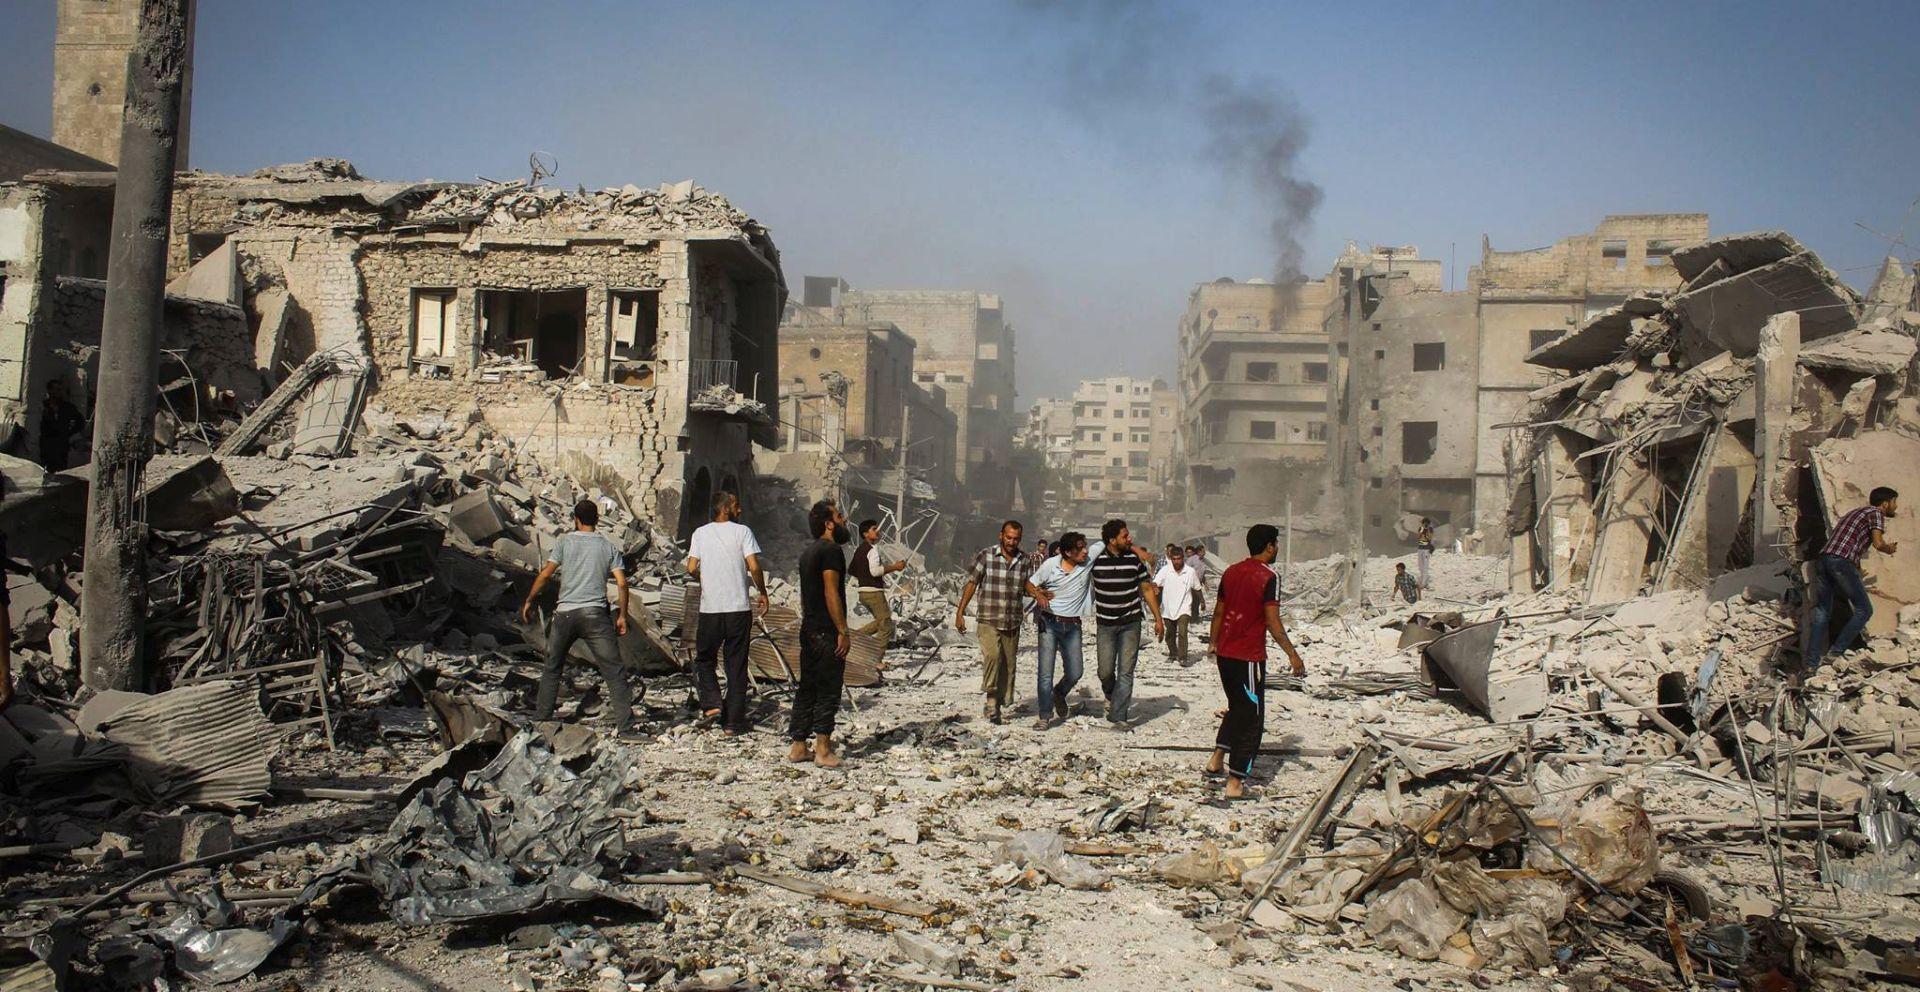 NOVI NAPAD: U bombaškom napadu u Siriji 22 mrtva